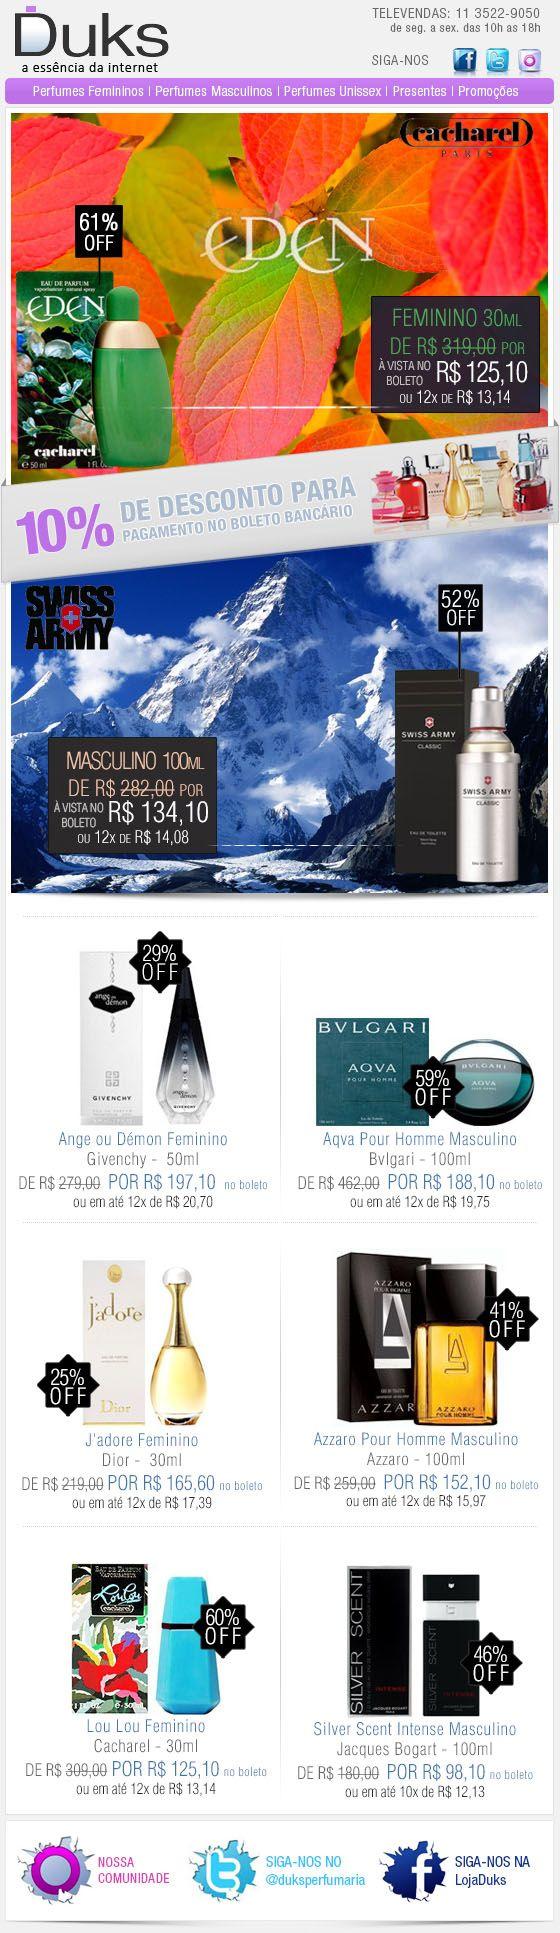 E-mail Marketing Duks Perfumes Promoção 18/12/2013 http://www.duks.com.br/sistema/custom.asp?IDLoja=11220&arq=emkt_12_18.htm&int=1&origem=emailmkt